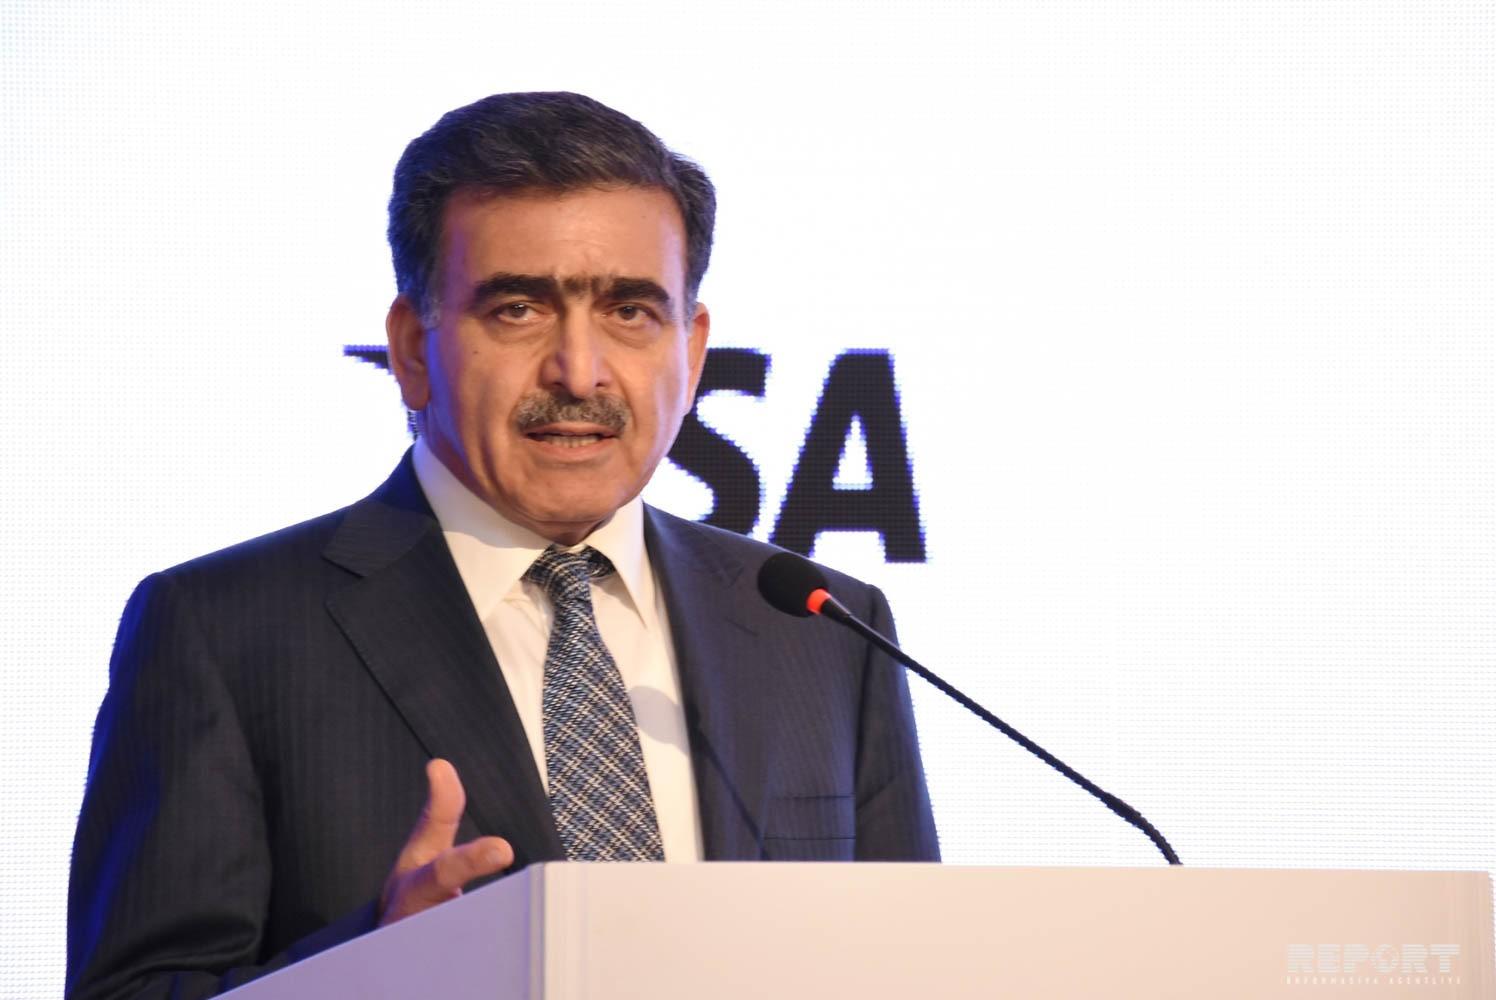 ЦБ Азербайджана начал подготовку плана цифровой трансформации